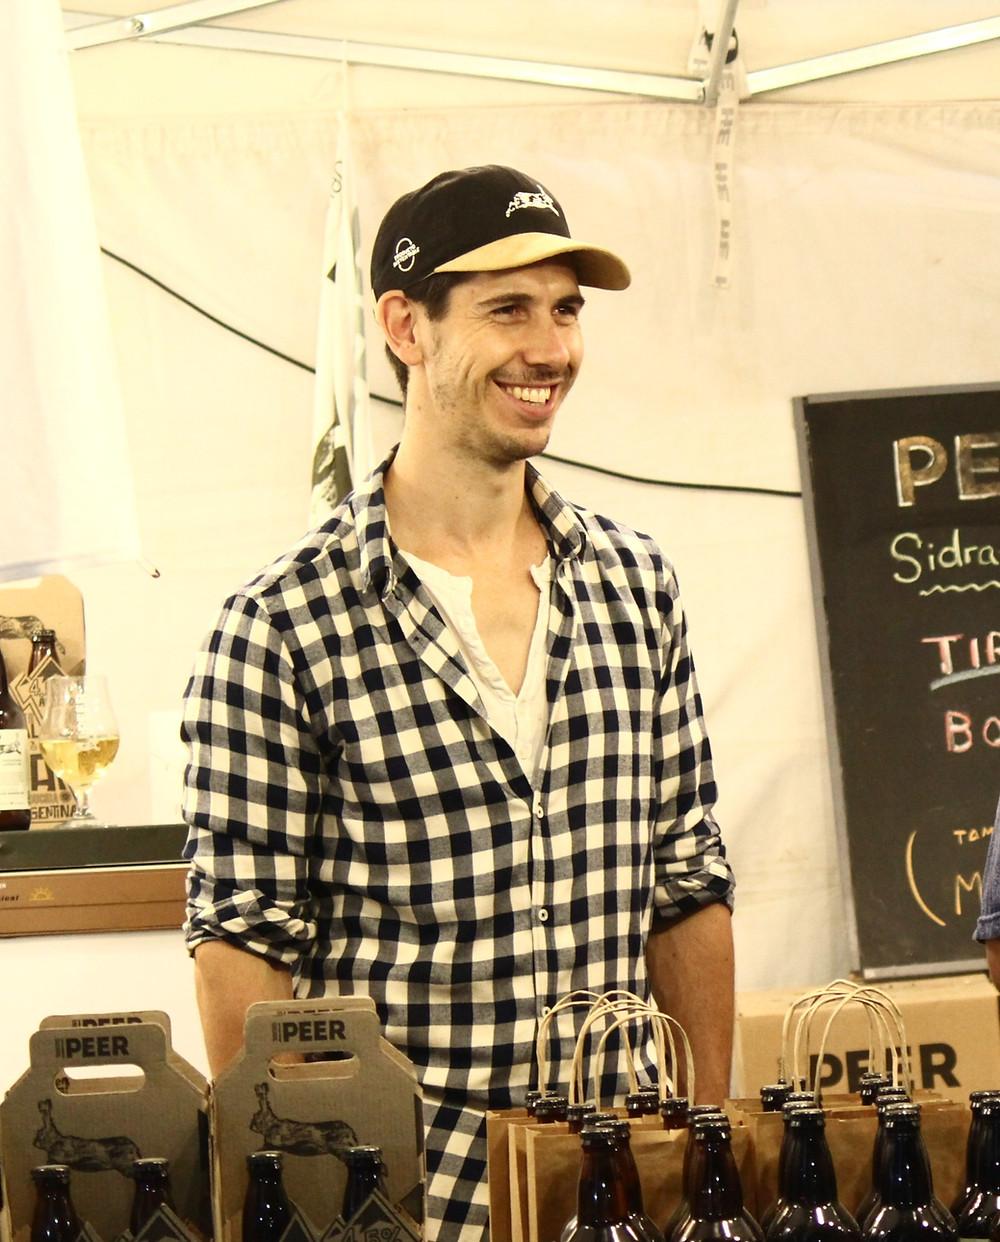 Marco Zec, socio fundador de PEER CIDER